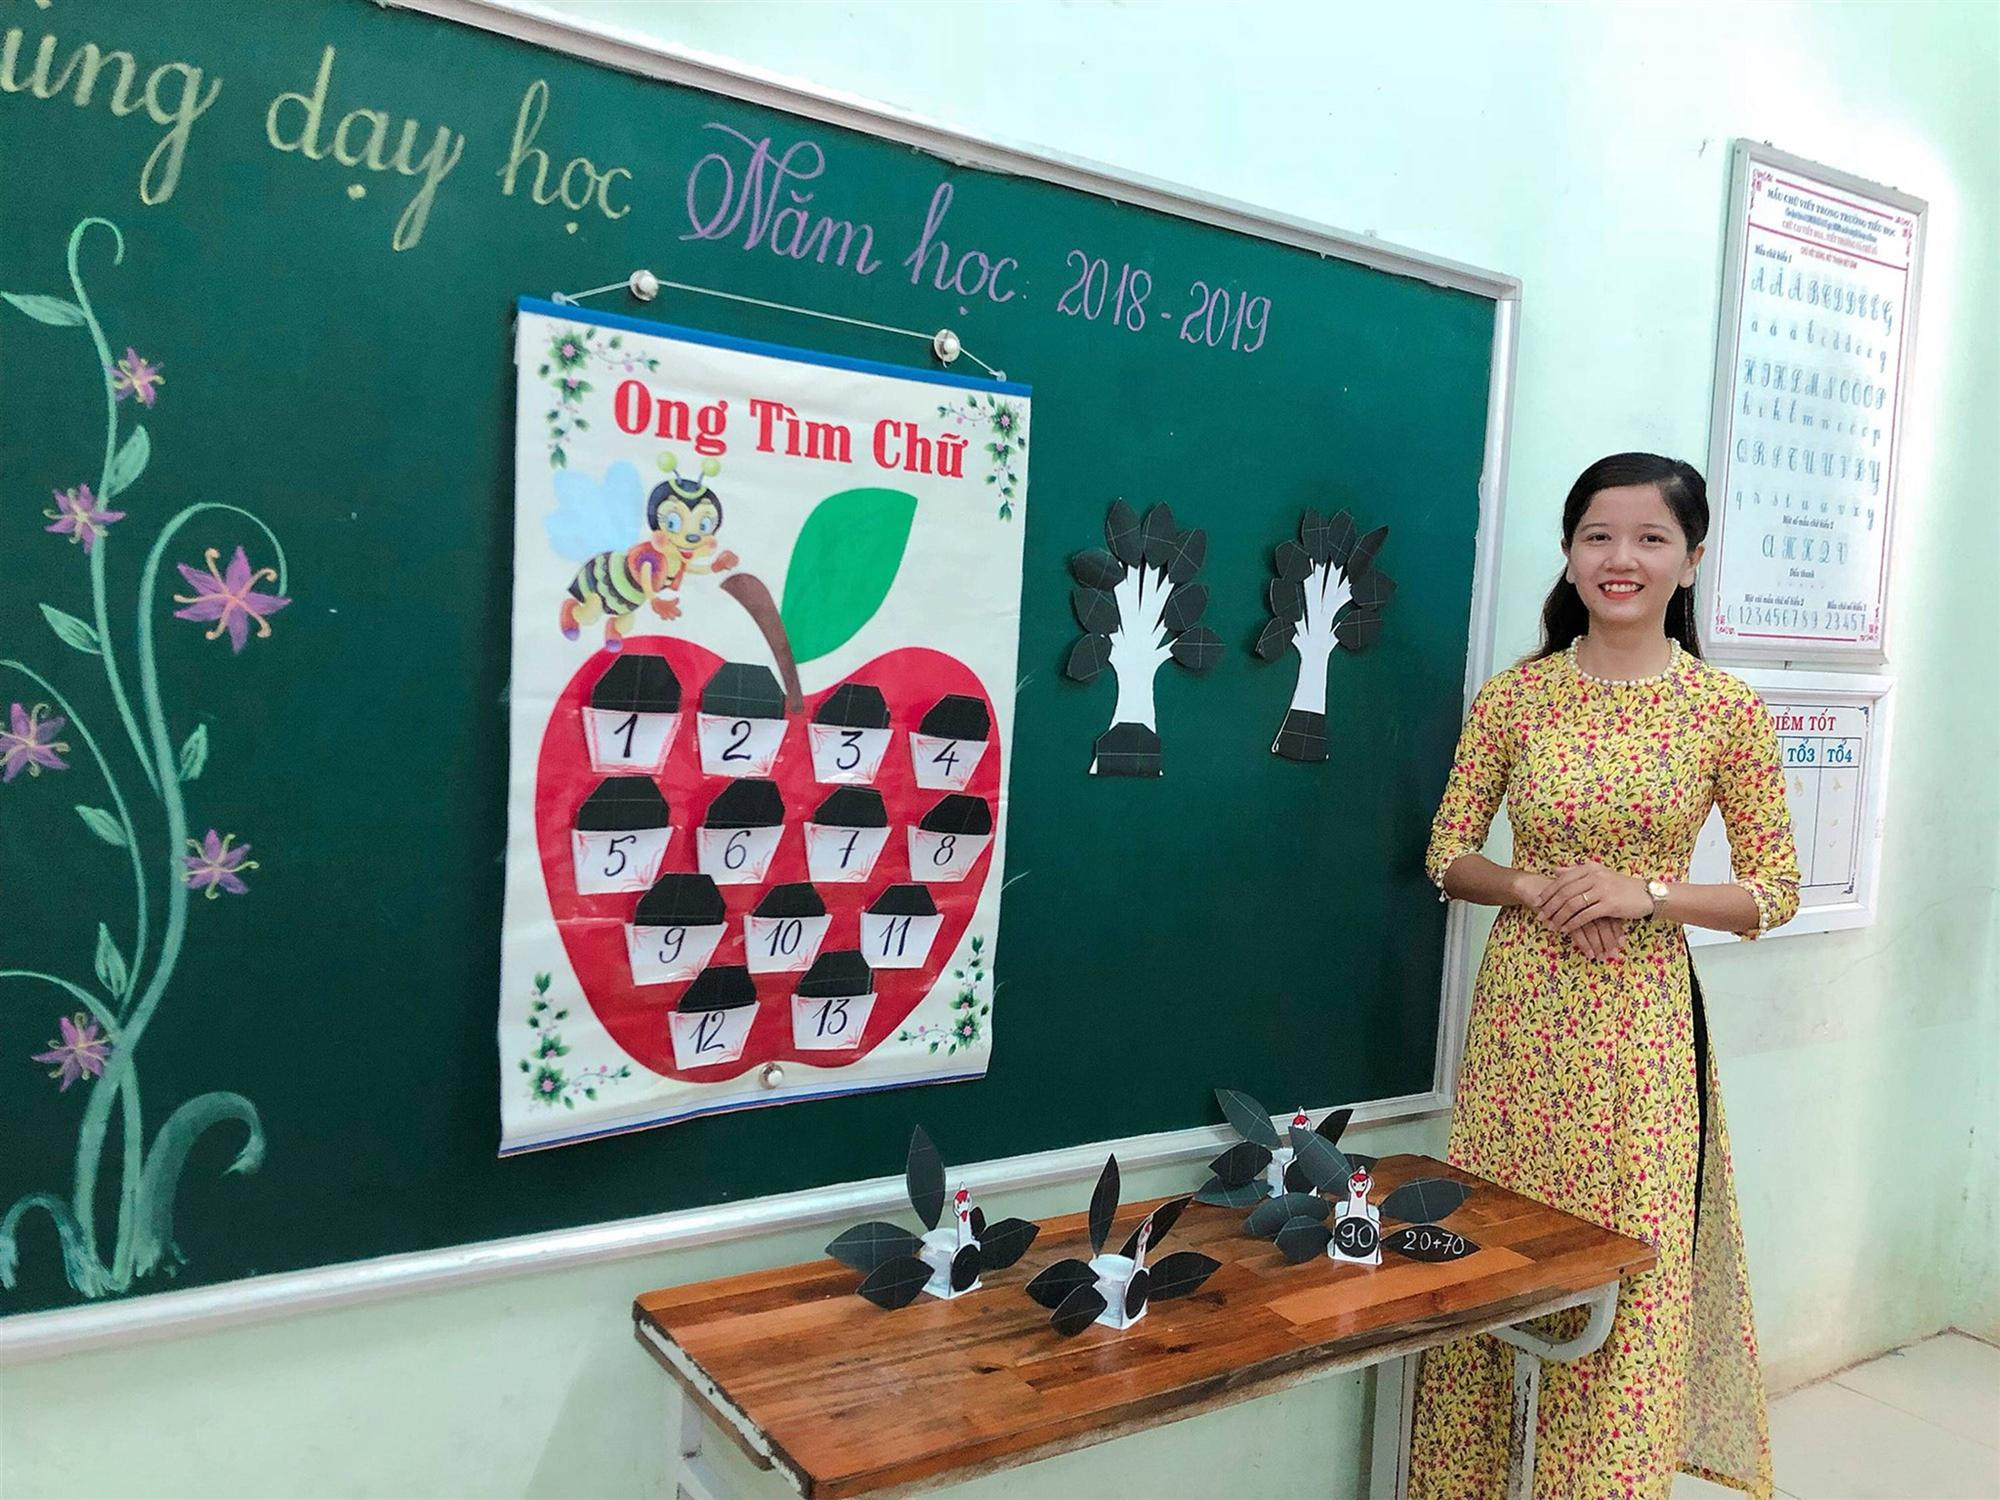 Các cô giáo viết đẹp hơn đánh máy ở Quảng Trị tiếp tục gây sốt với khả năng sáng tạo đồ dùng dạy học không giới hạn-7